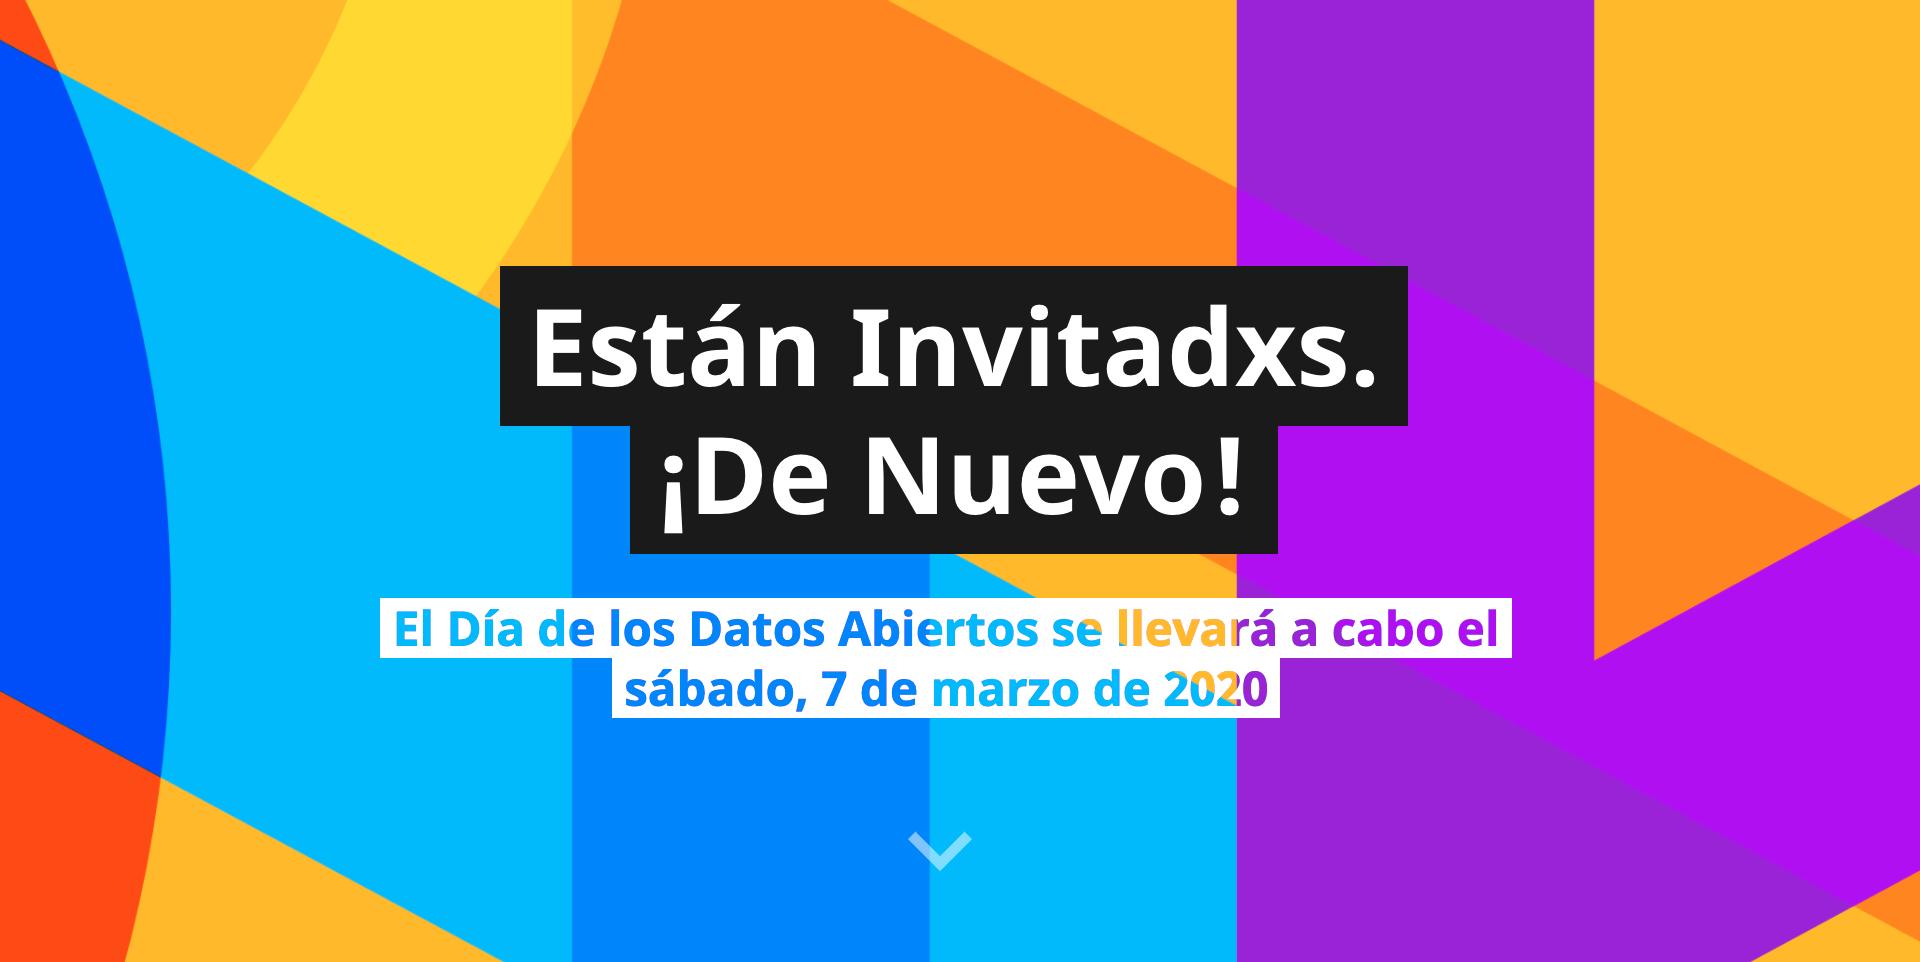 El día de los Datos Abiertos: los aportes desde América Latina